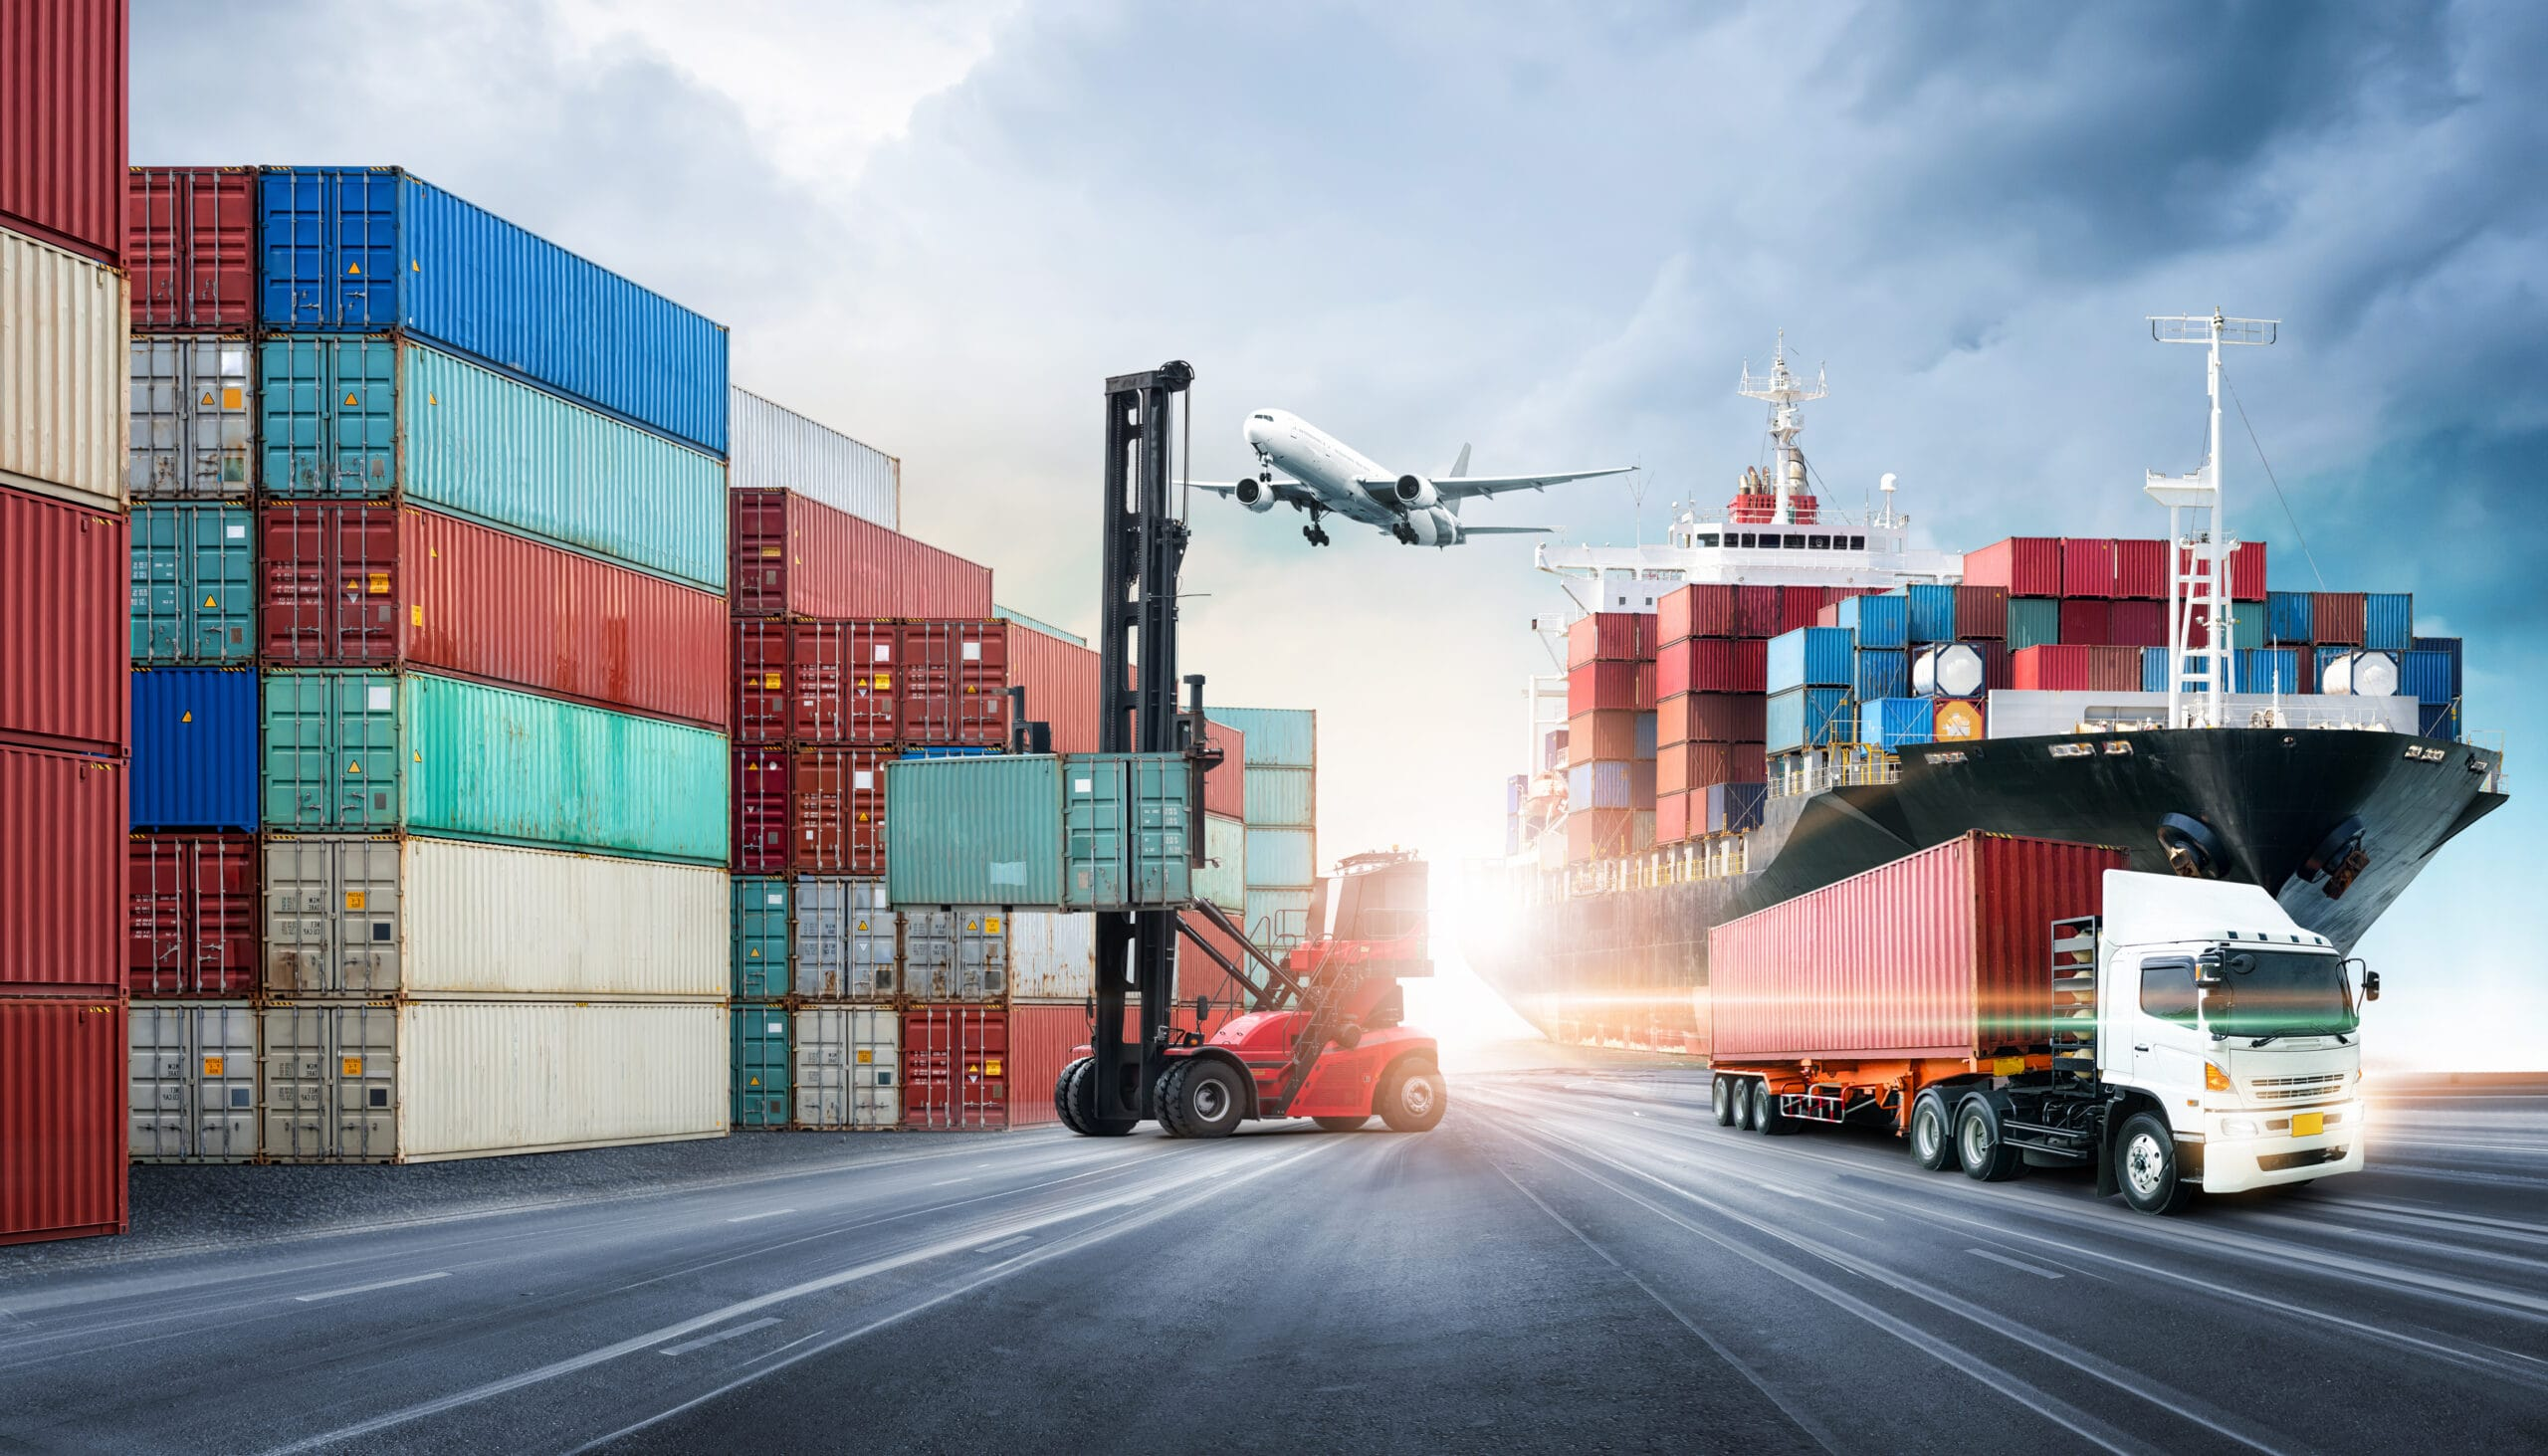 Lieferkettengesetz: Pflicht zur Nachverfolgung aller Rohstoffe